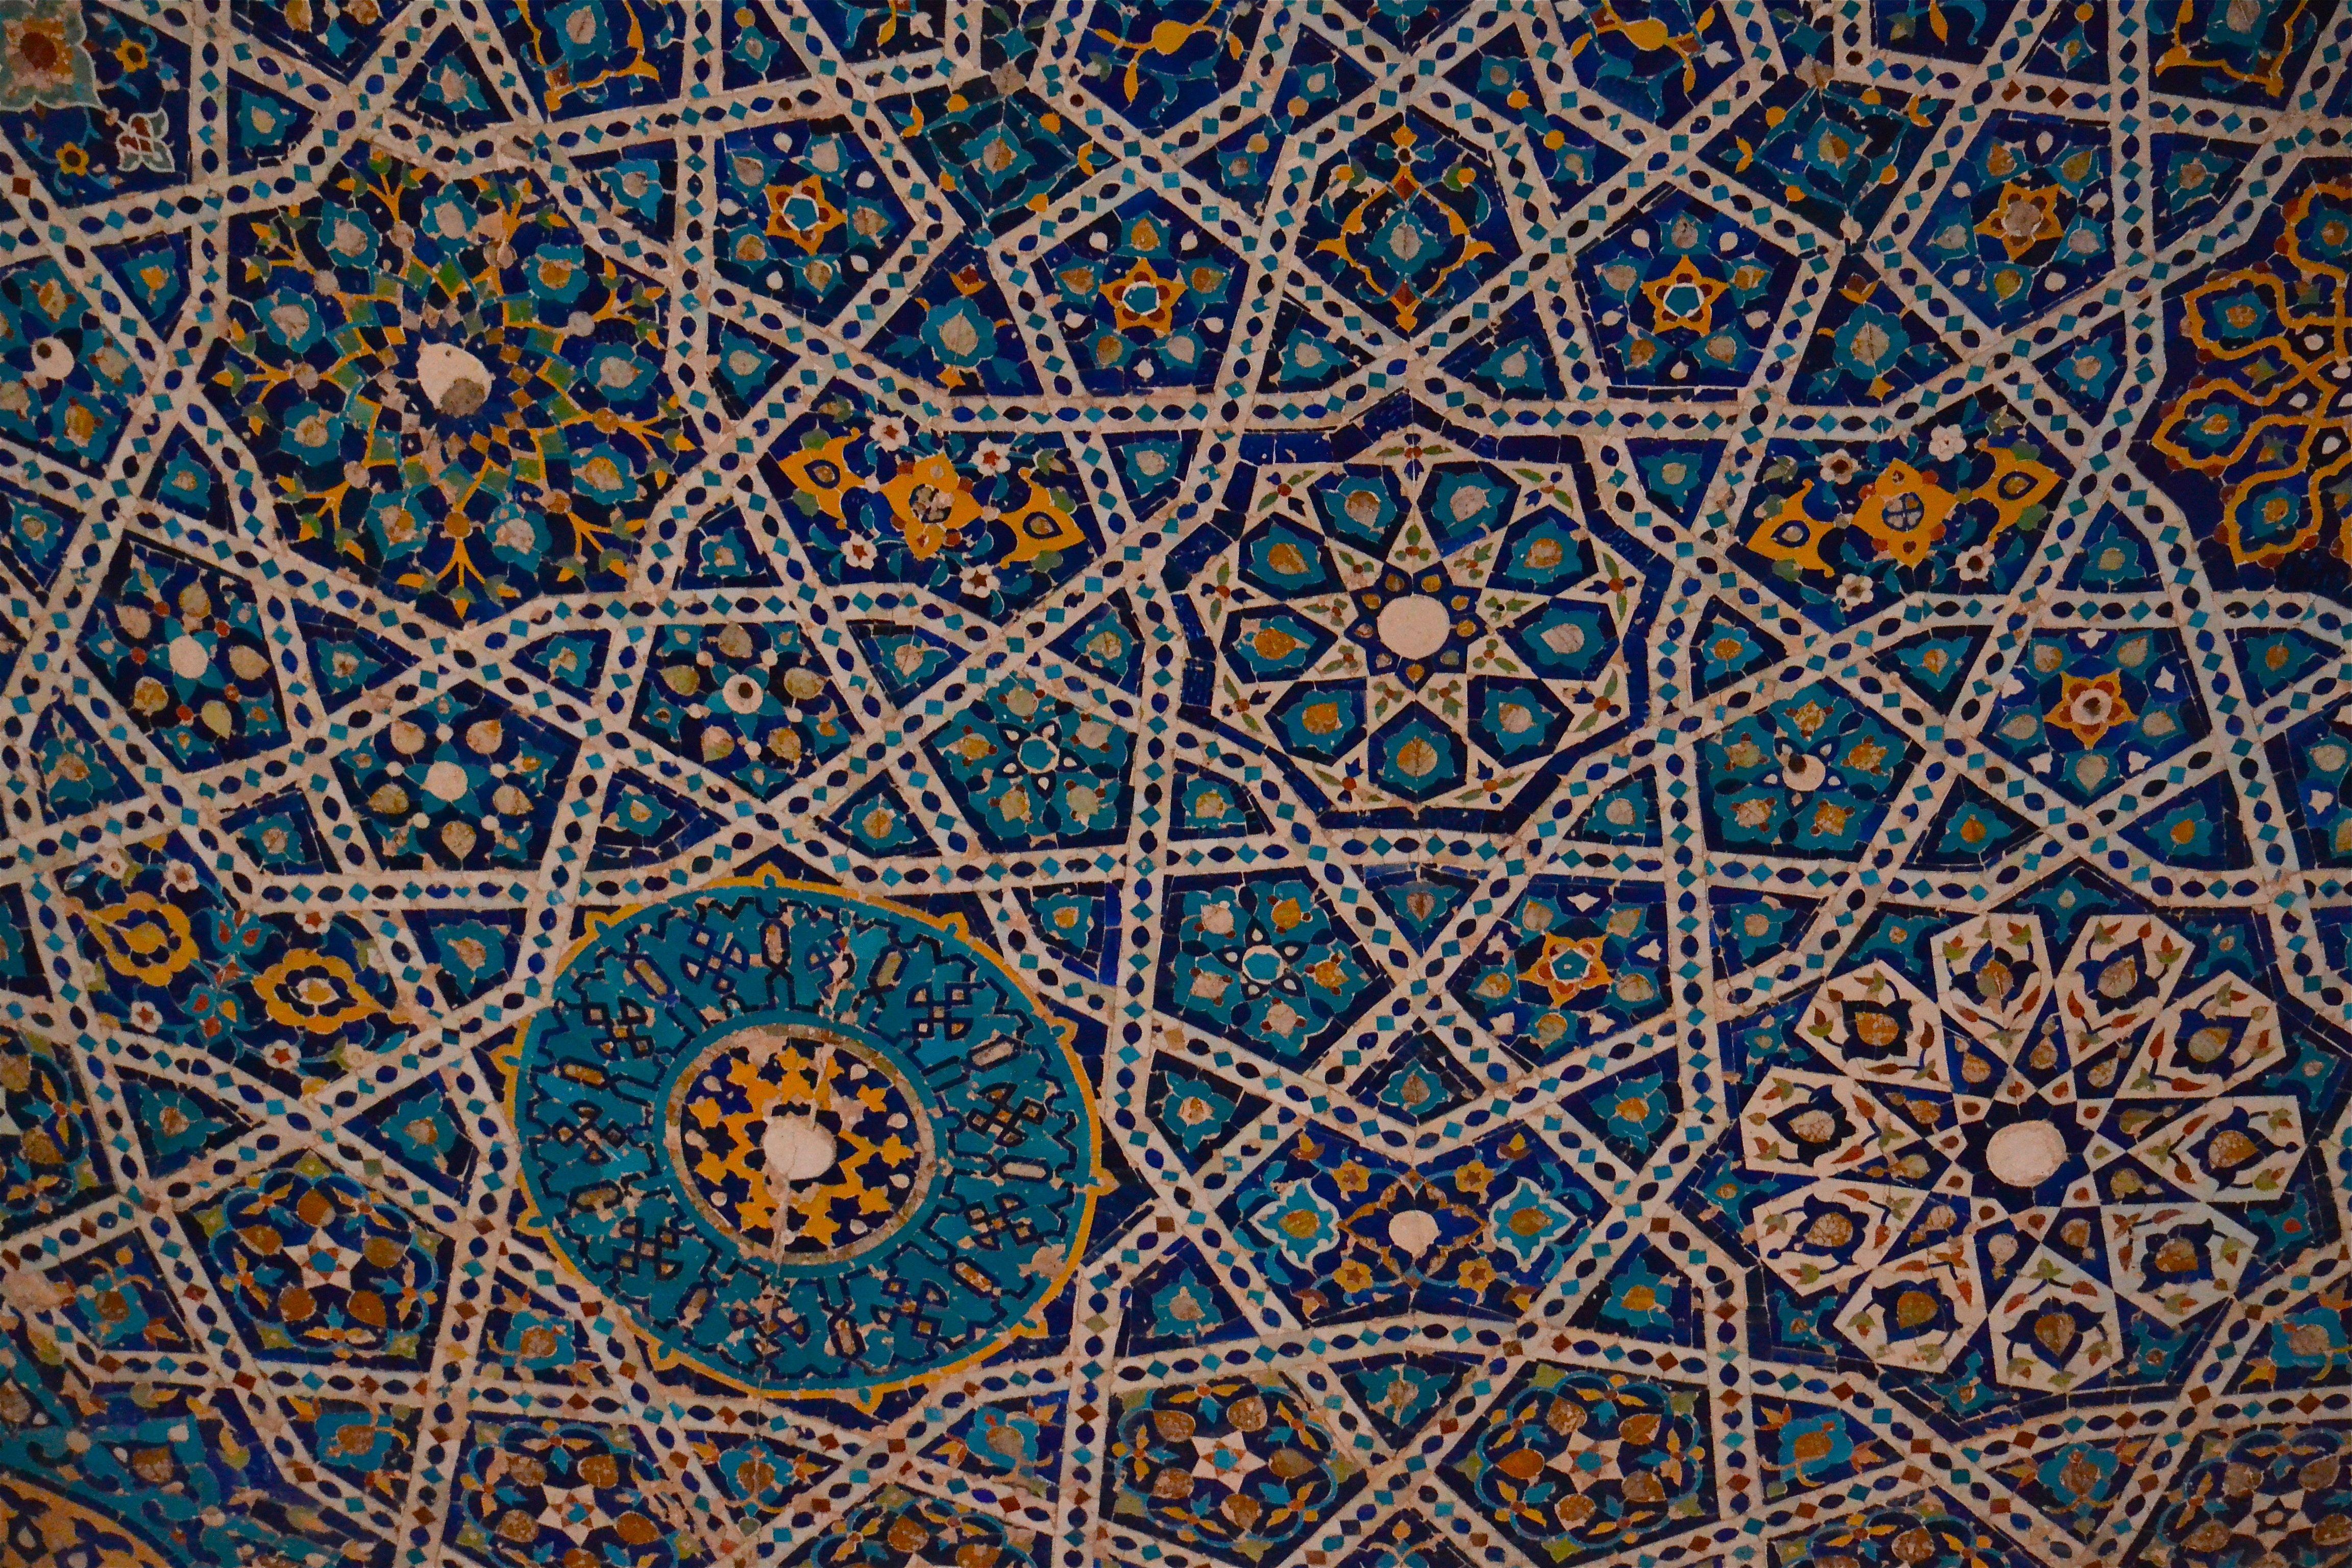 Tiles -Central Asia